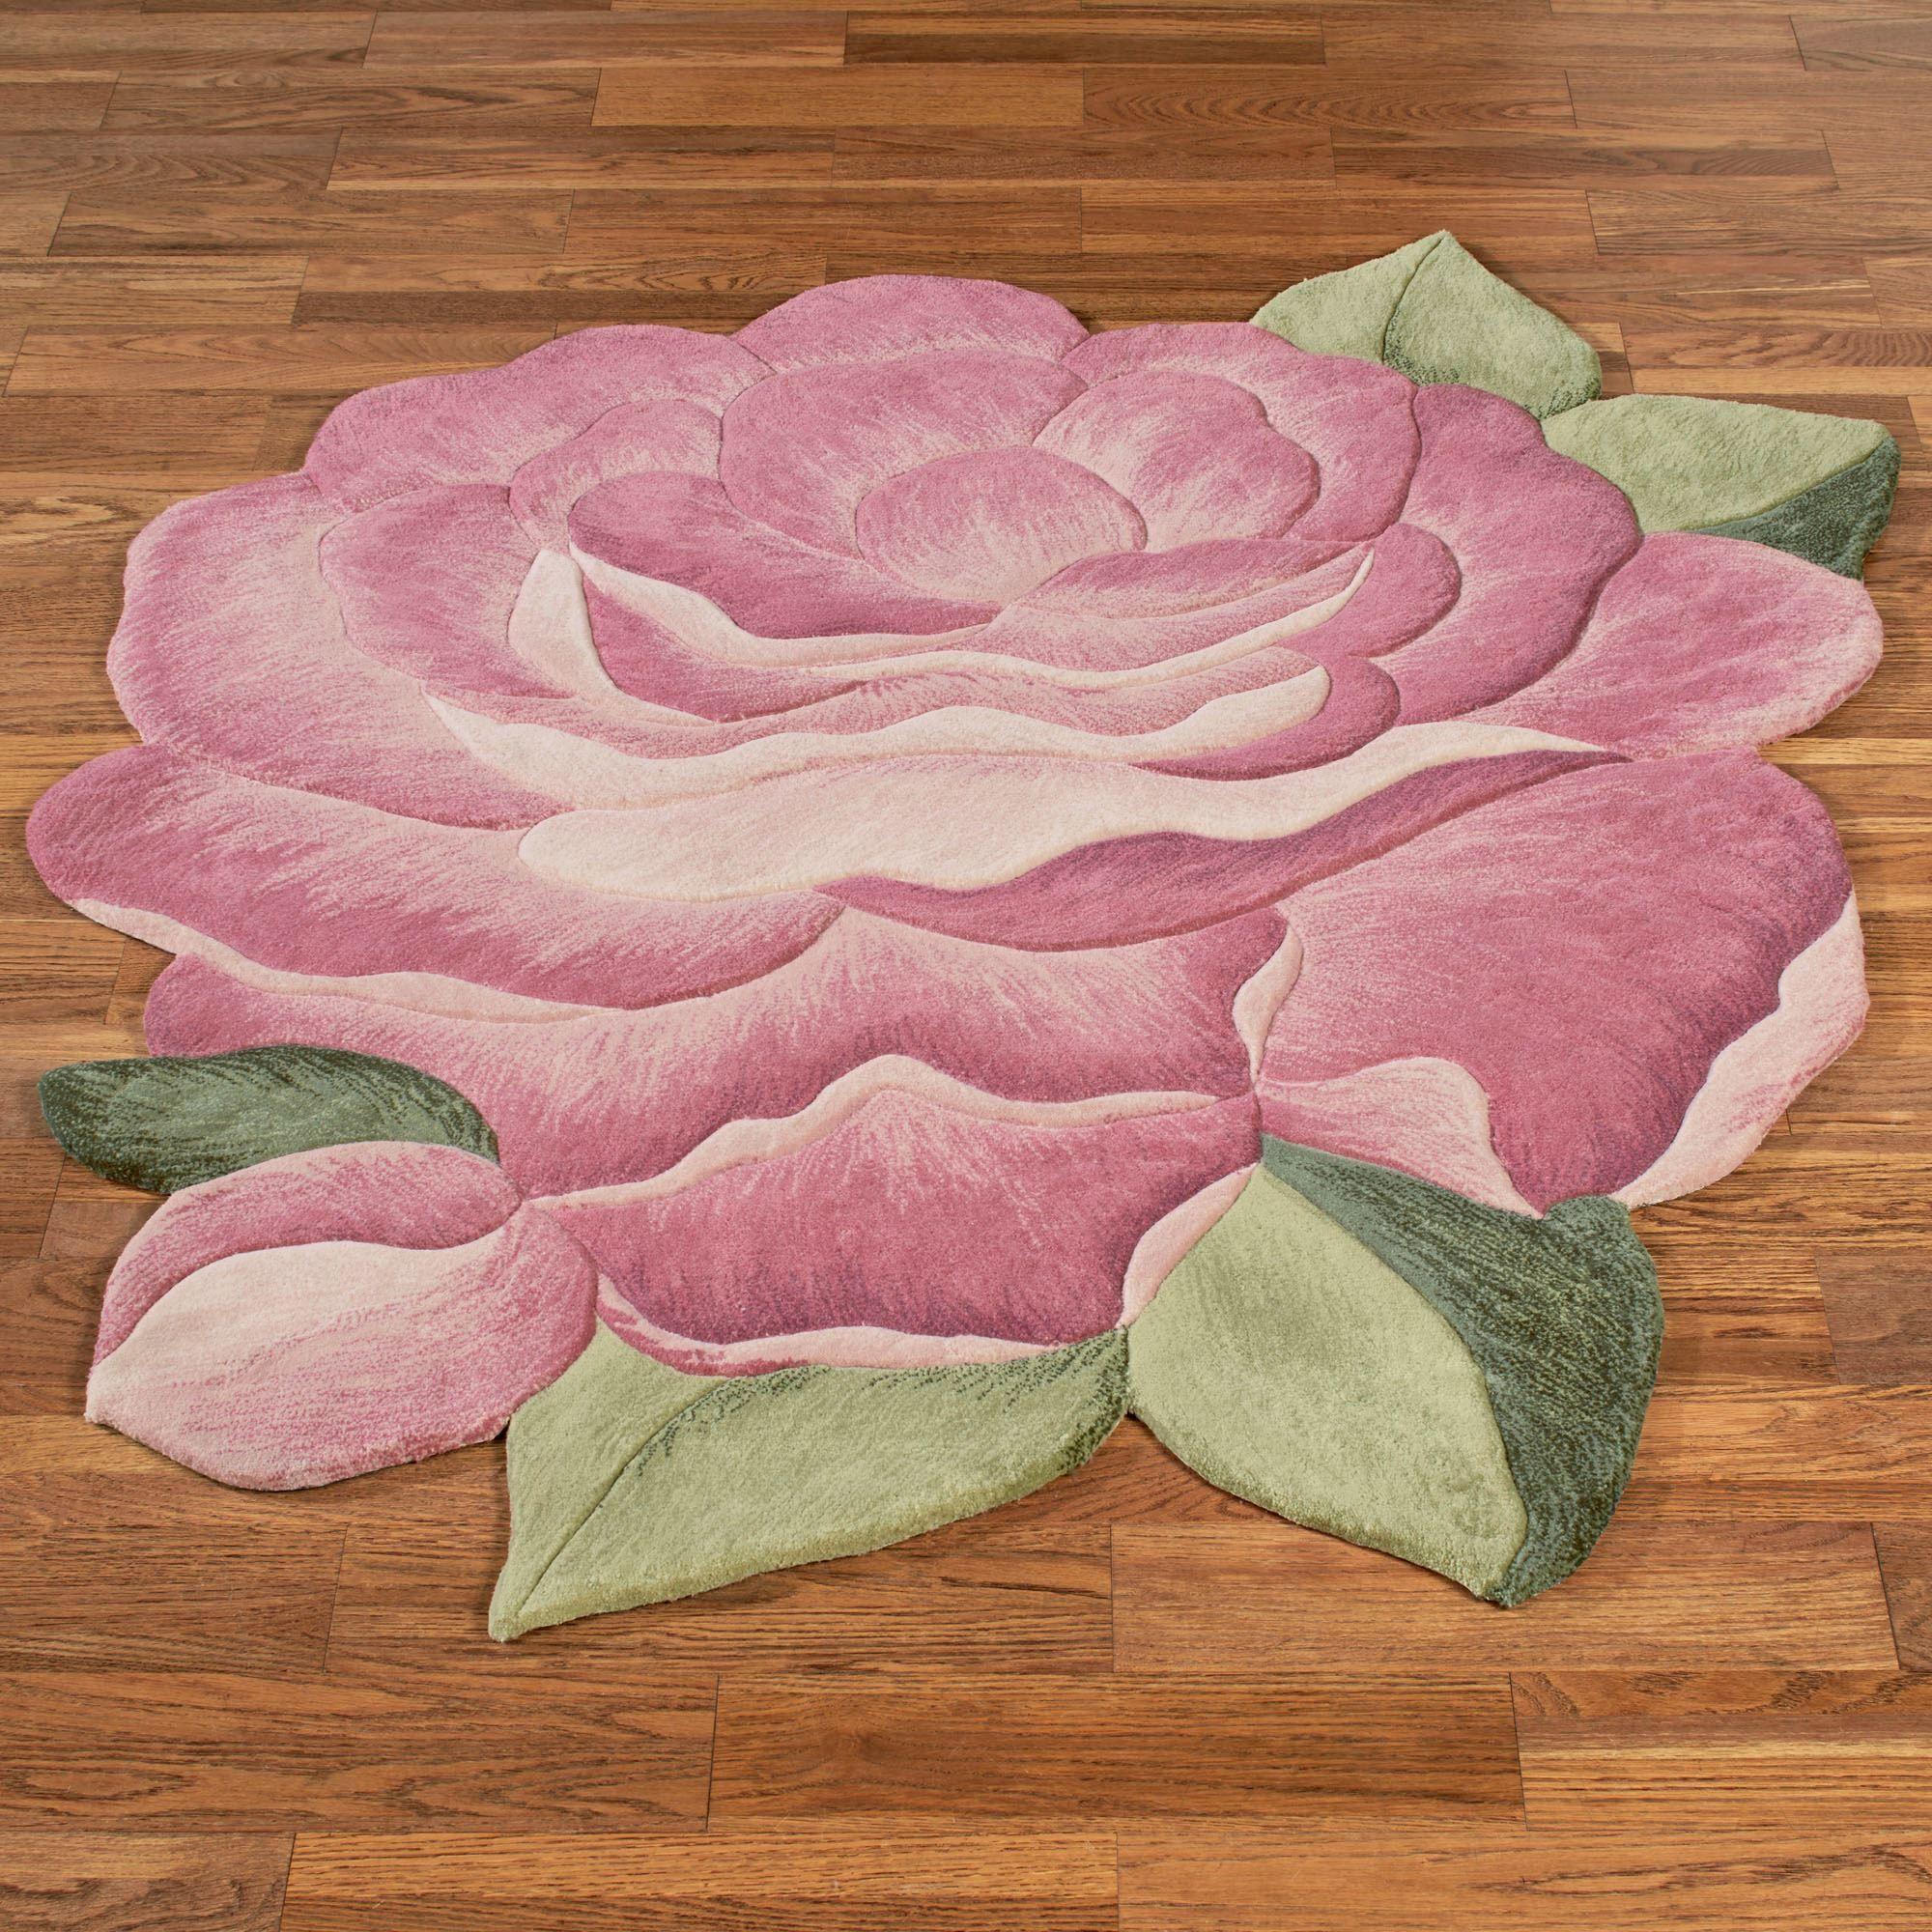 Rose Garden Flower Shaped Rugs